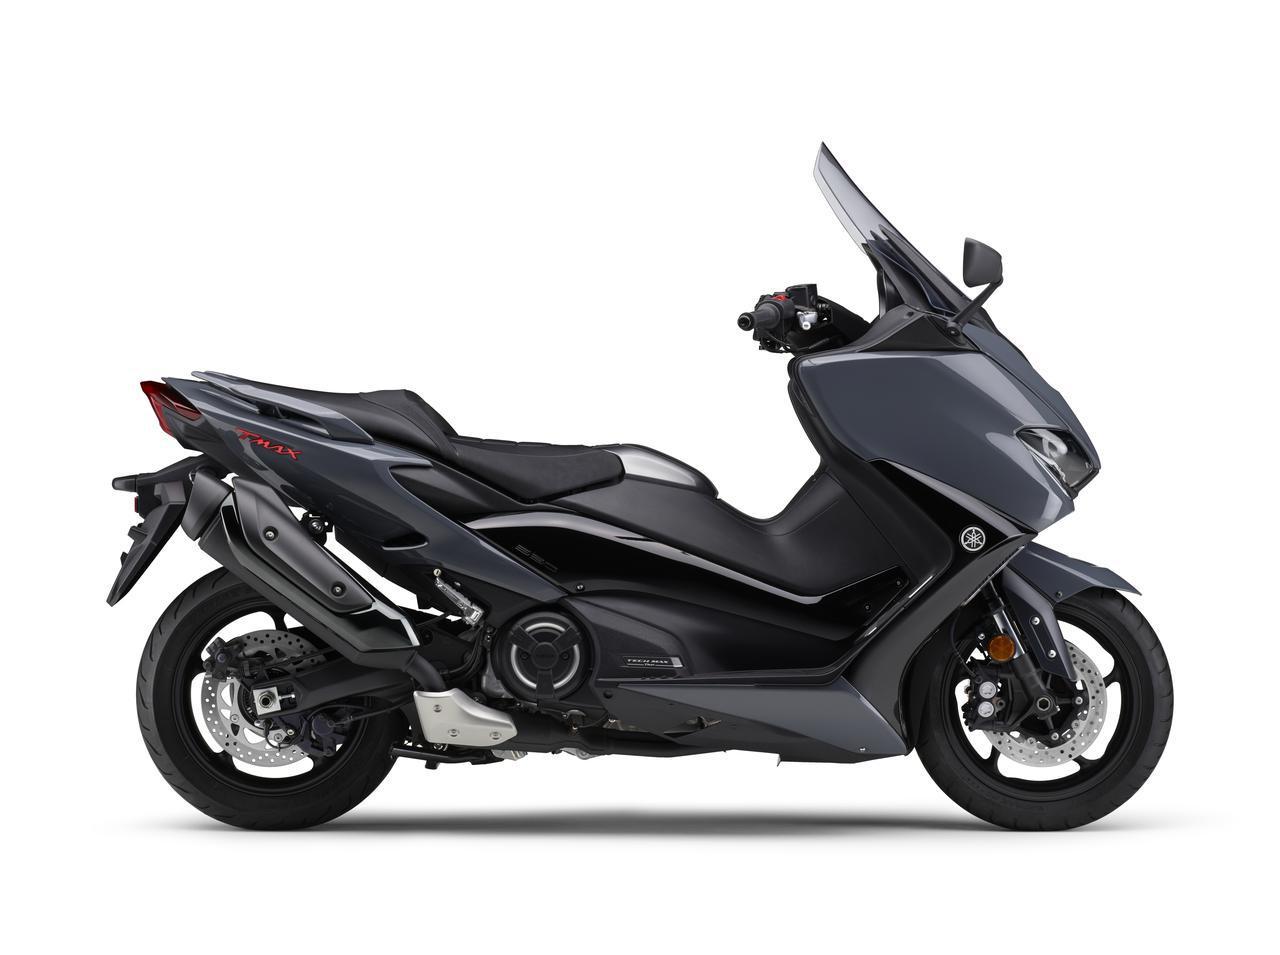 画像1: ヤマハが「TMAX560 テックマックス」の2021年モデルを発売! 新色はパステルダークグレー、人気カラー投票実施中